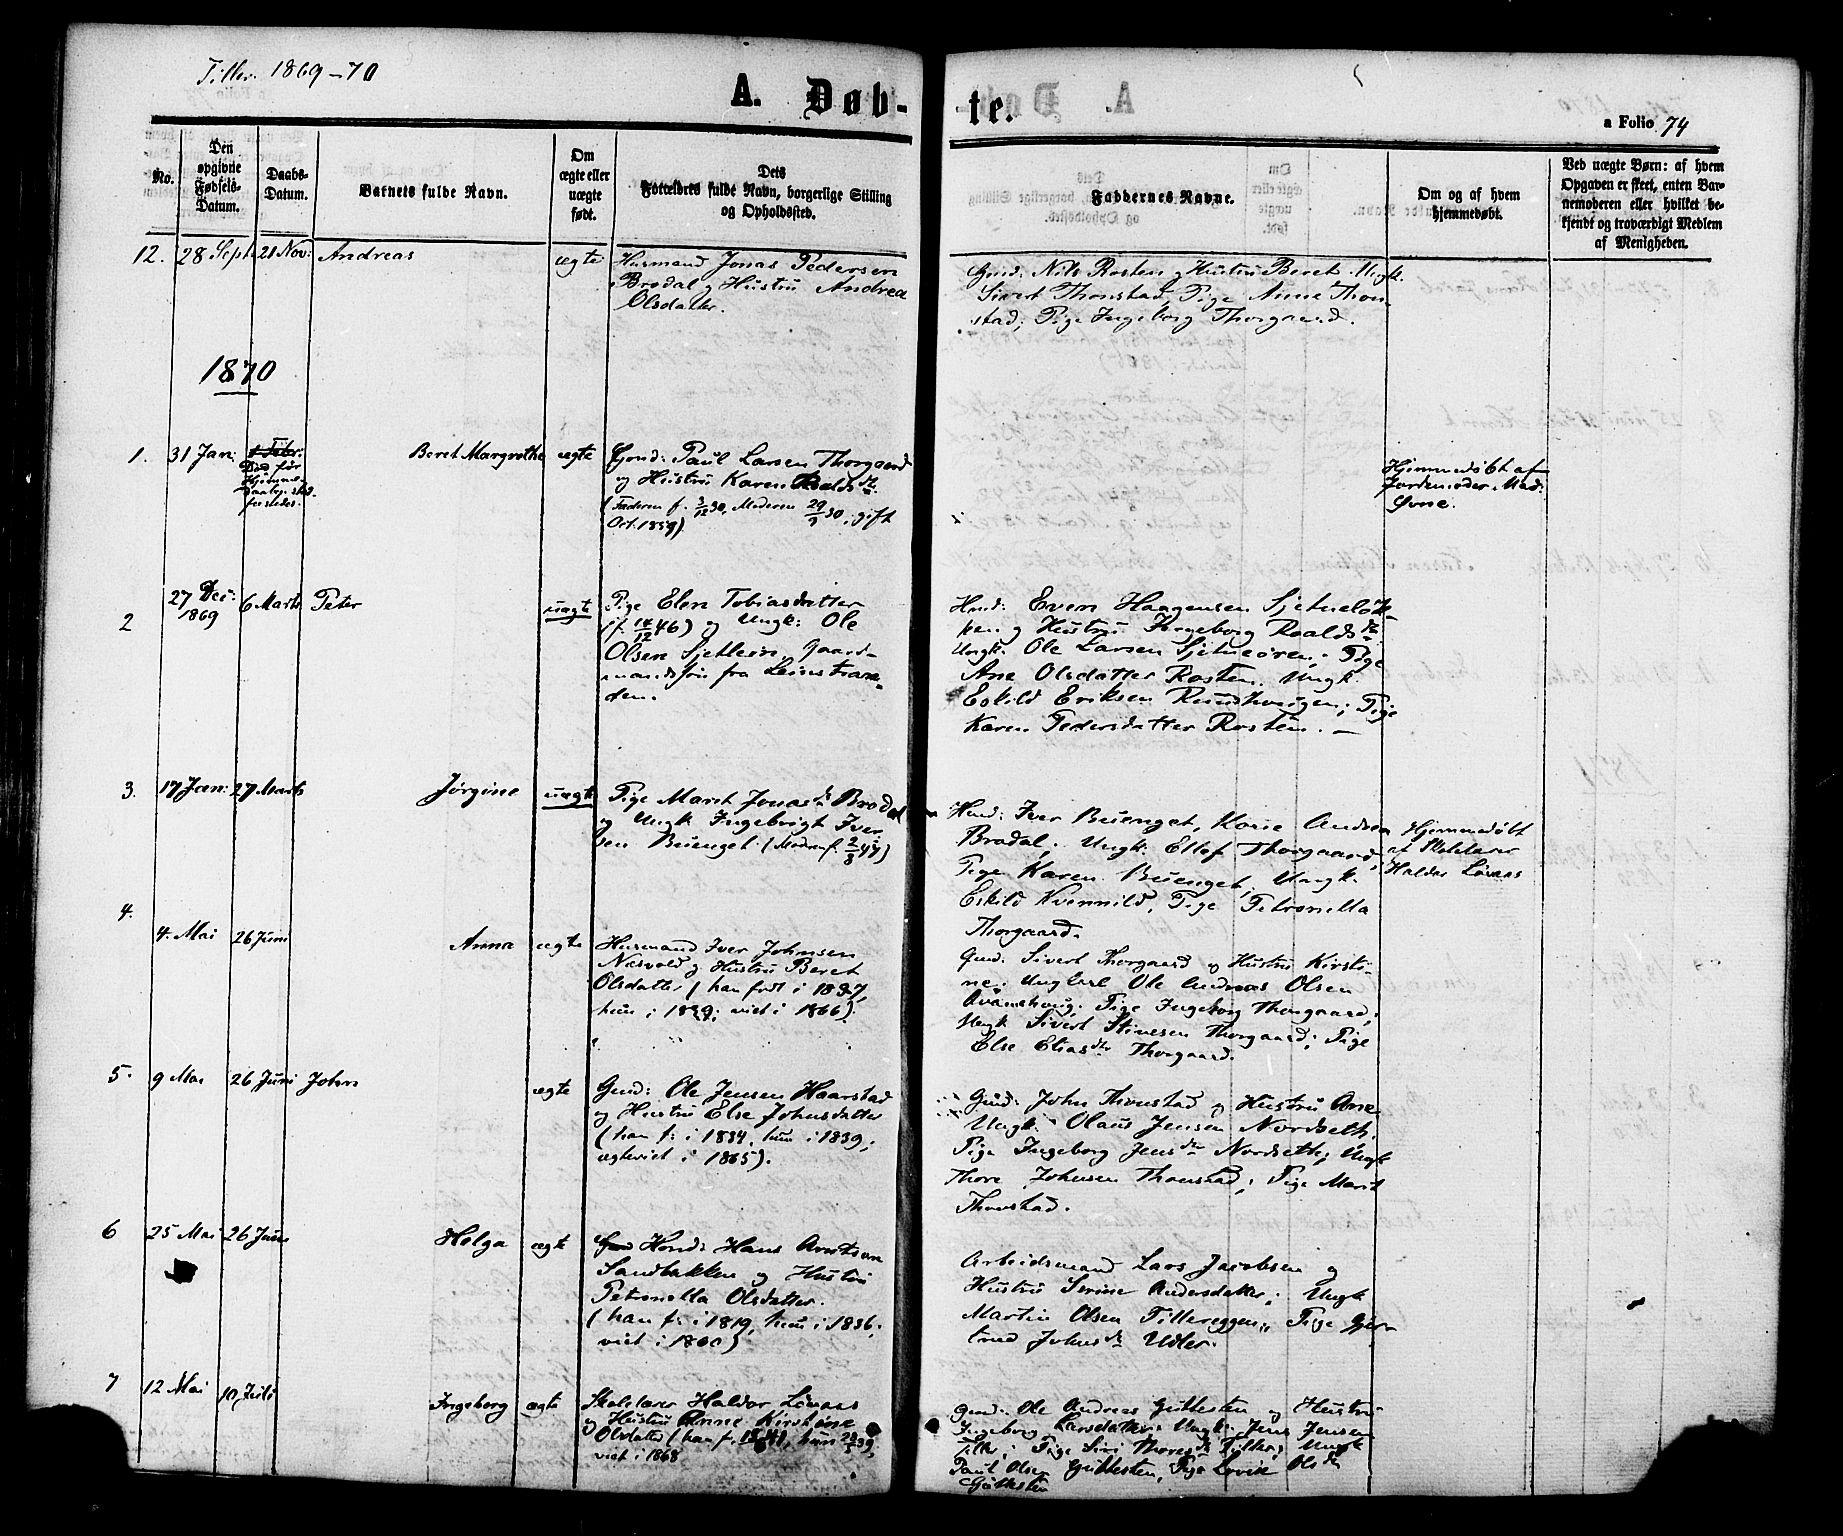 SAT, Ministerialprotokoller, klokkerbøker og fødselsregistre - Sør-Trøndelag, 618/L0443: Ministerialbok nr. 618A06 /2, 1863-1879, s. 74